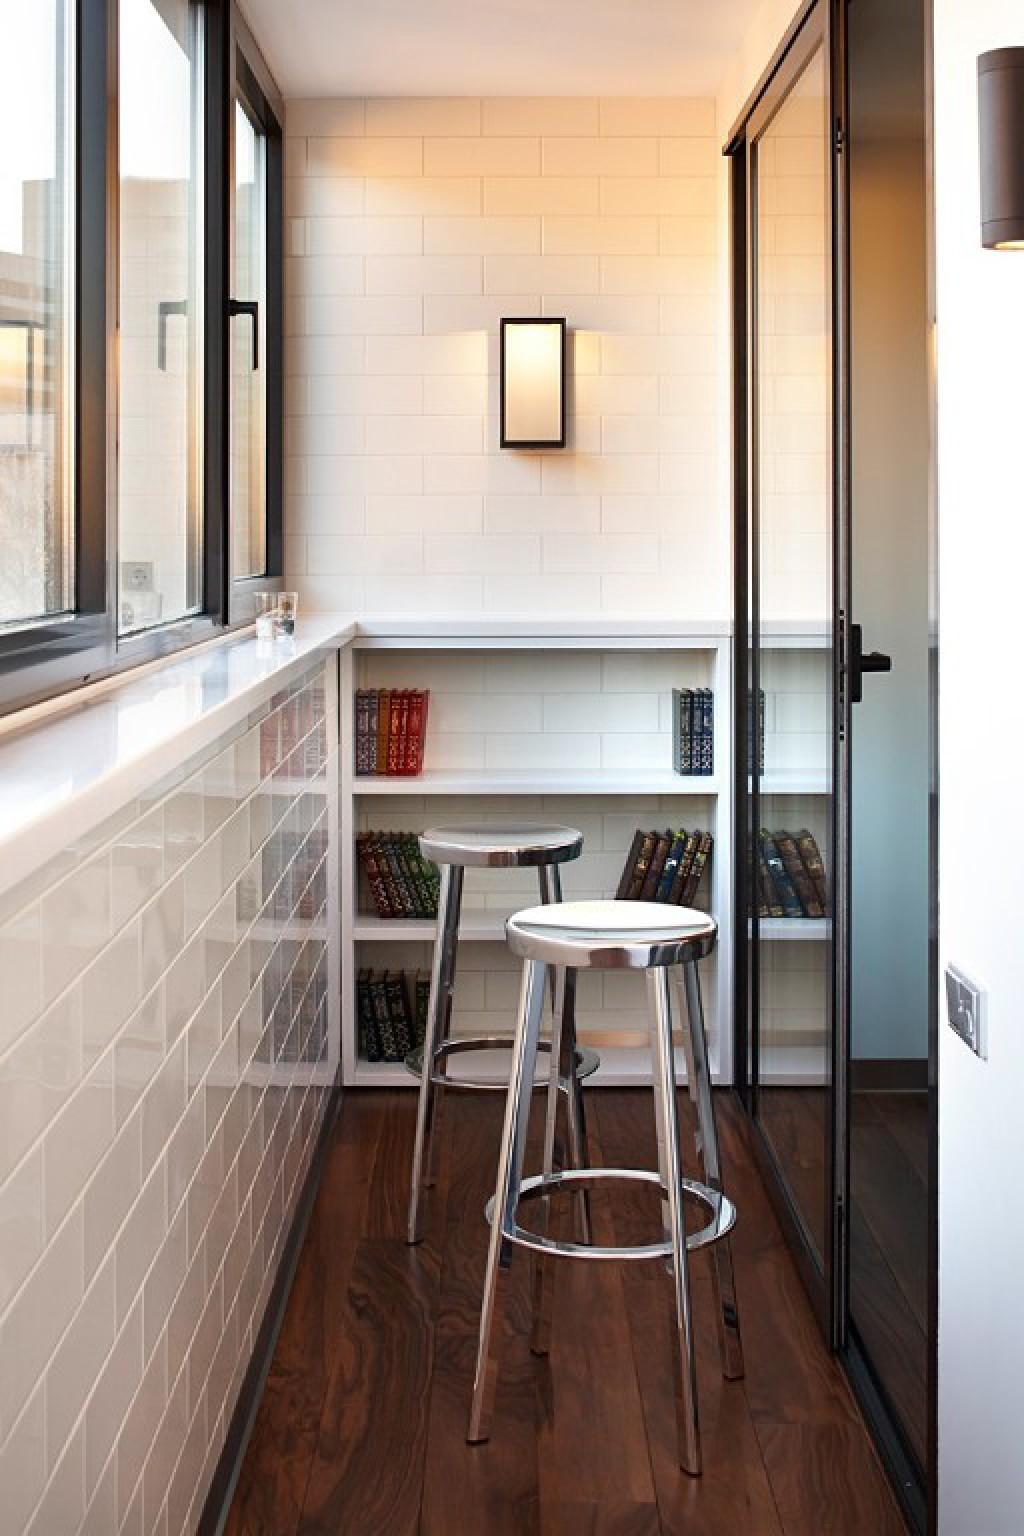 Балконы и лоджии длиной 6 метров фото, видео, цены.